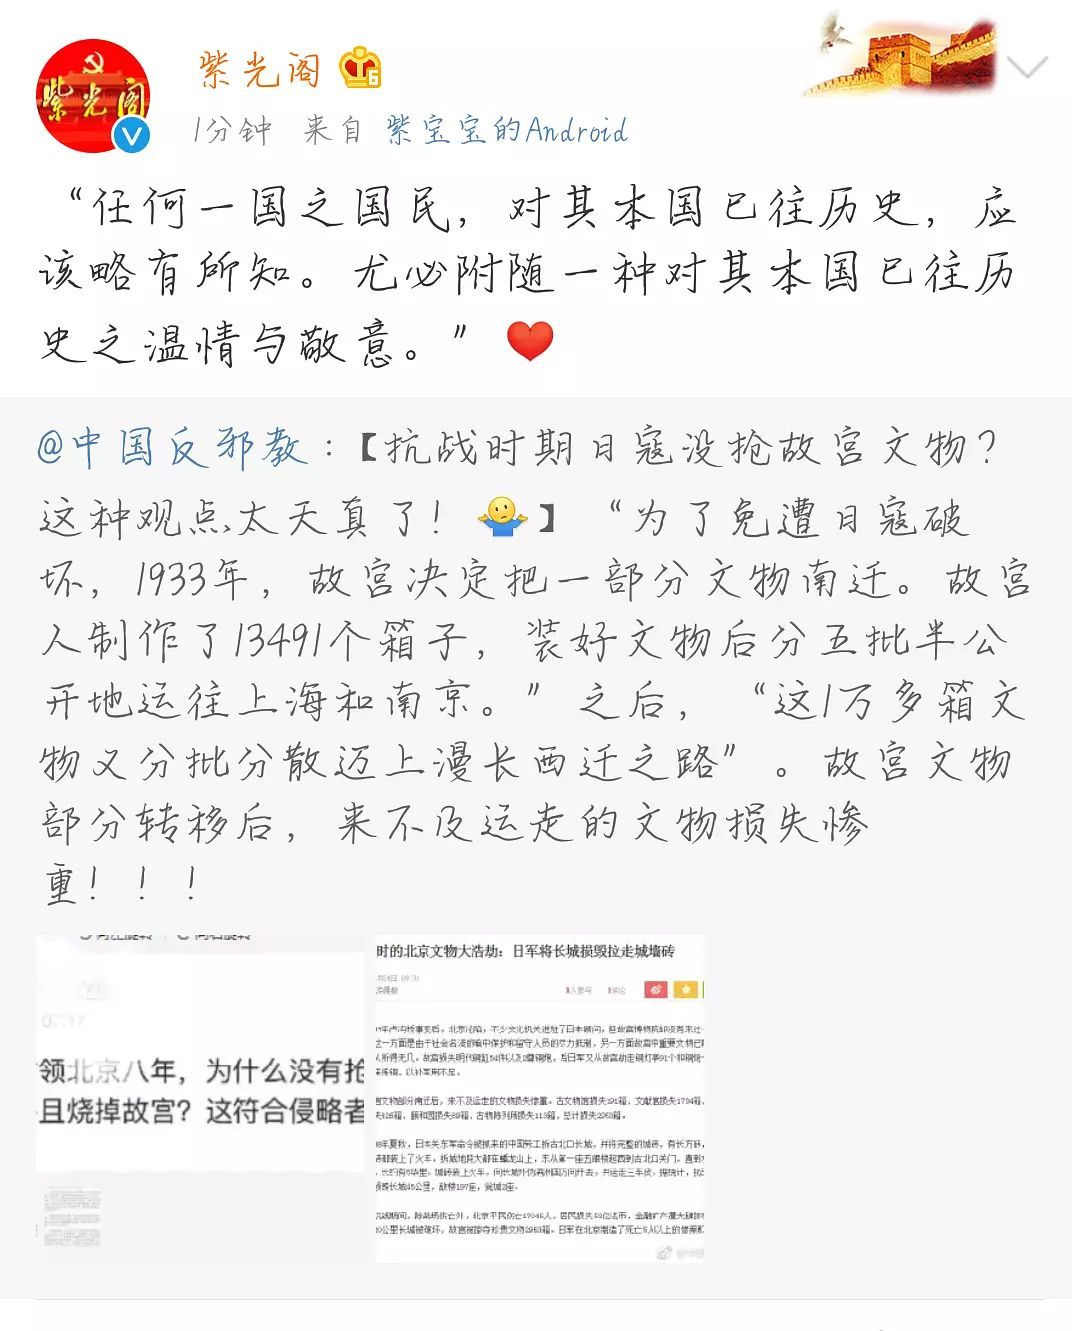 疑受不当言论影响,赵立新及工作室注销微博的照片 - 9